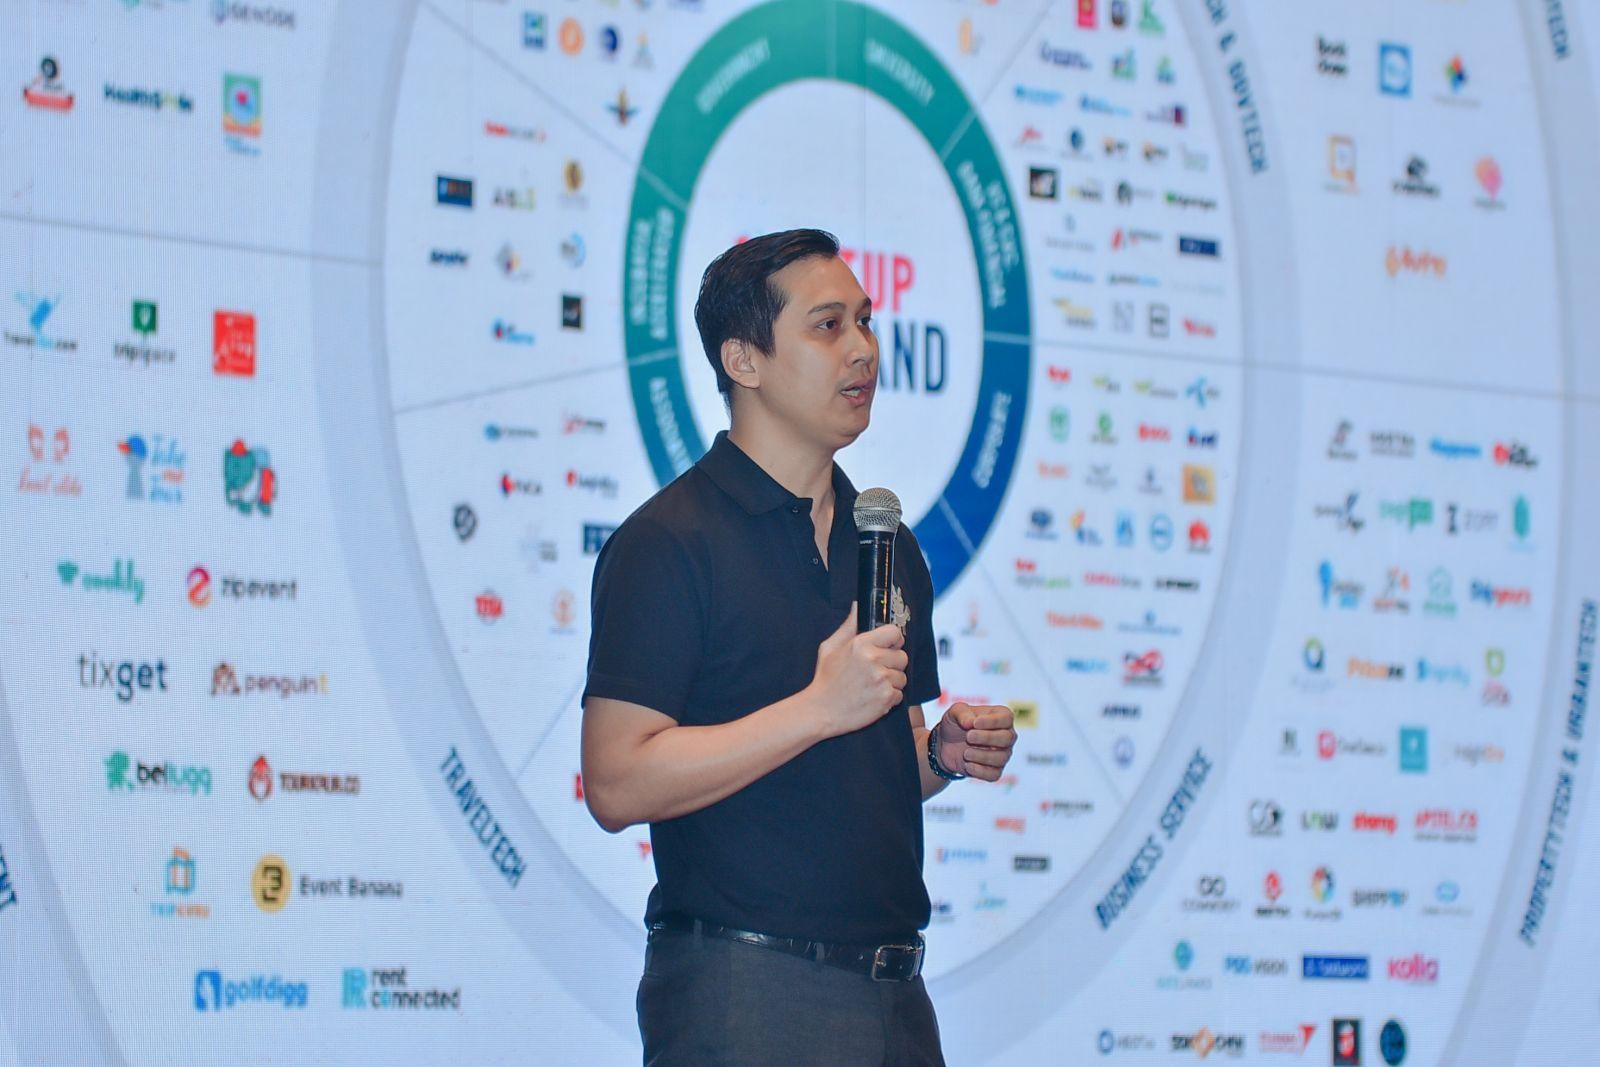 Trào lưu phát triển SaaS và những doanh nghiệp Startup nổi bật trong ngành